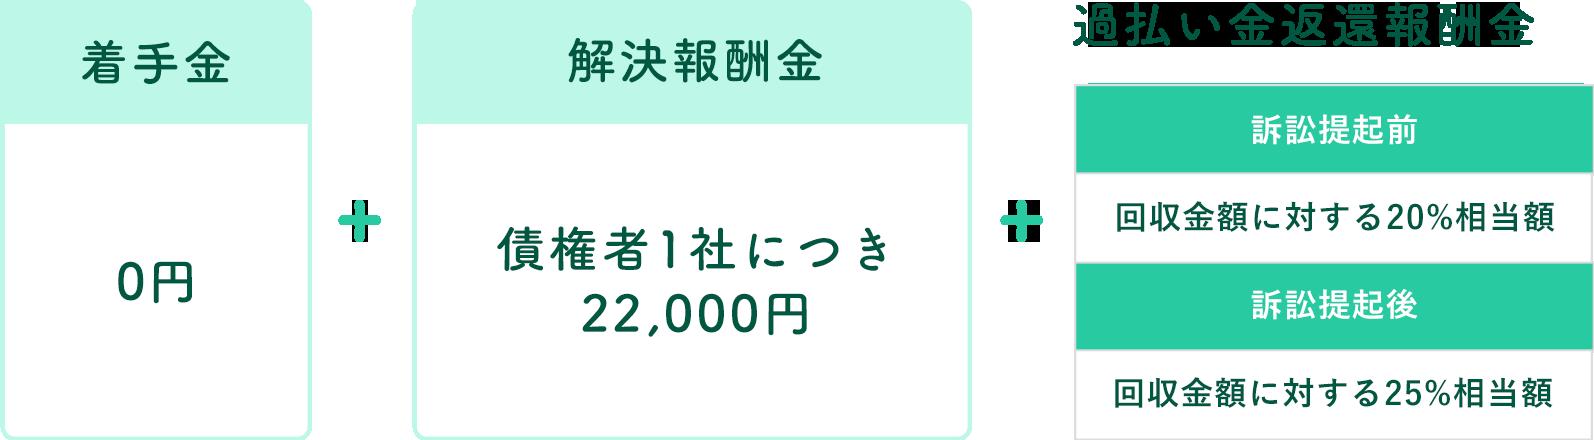 着手金0円+債権者一件につき20,000円+過払金返還報酬金